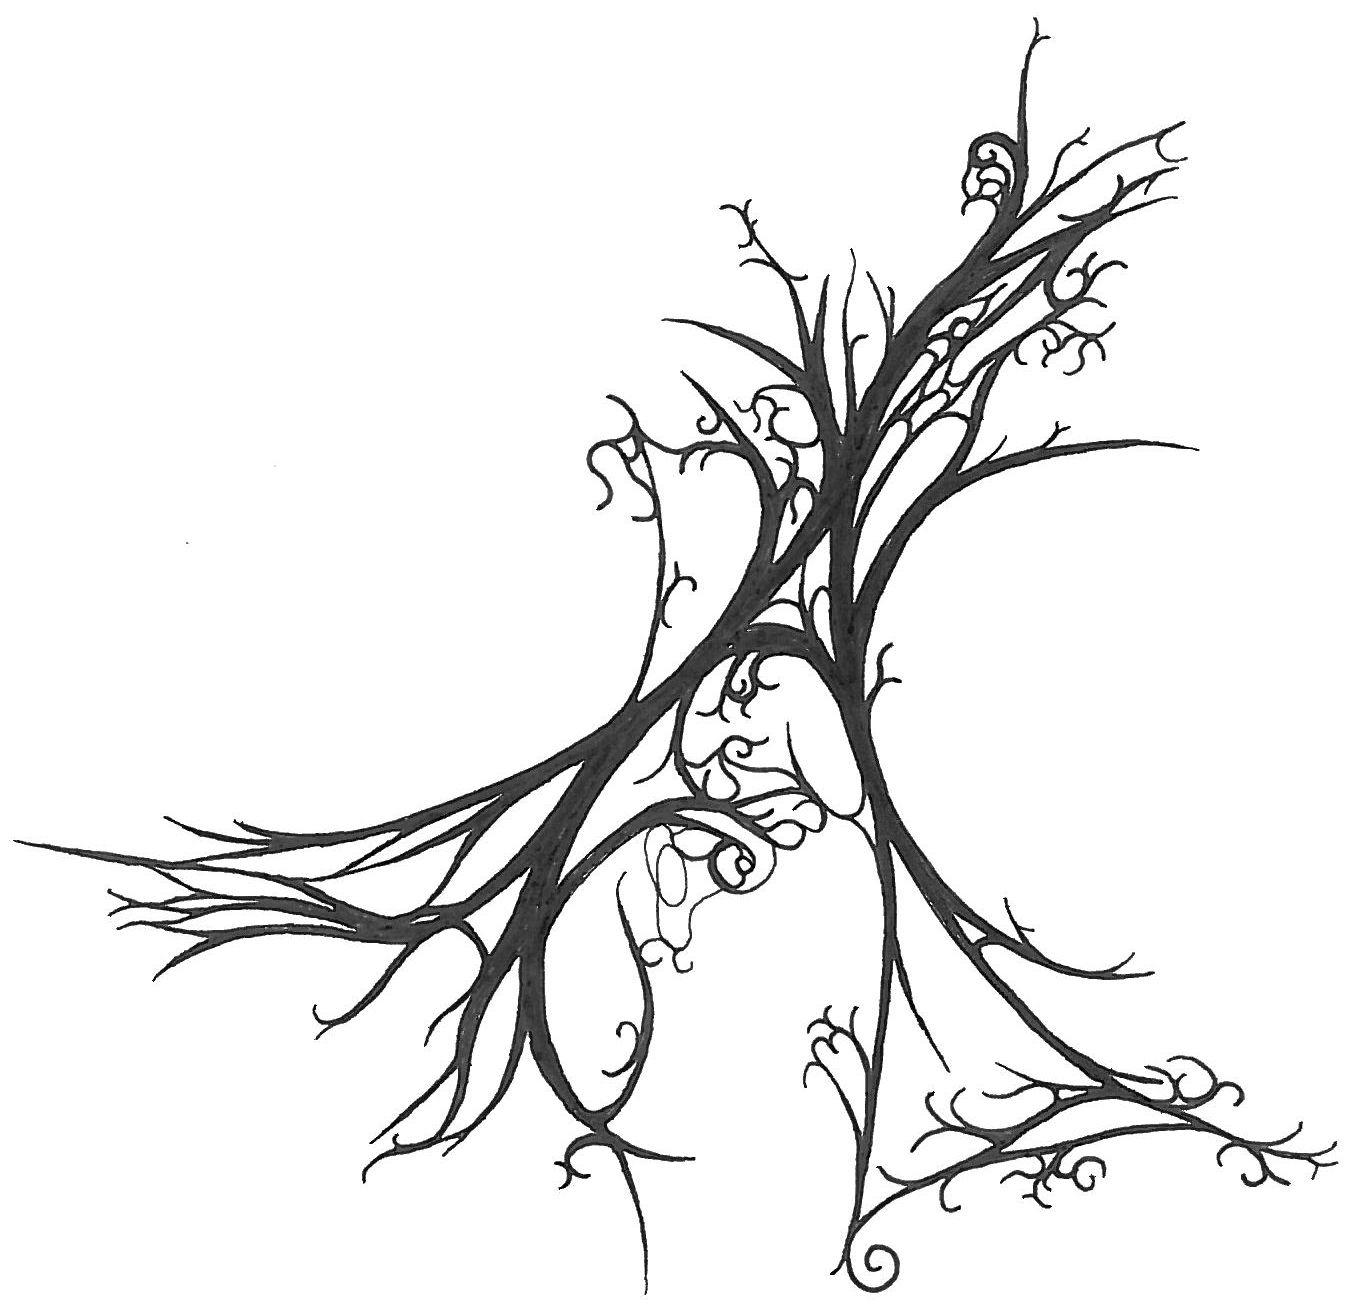 Tattoo Designs Vines: Http://grailas.deviantart.com/art/quot-Alpha-Vine-quot